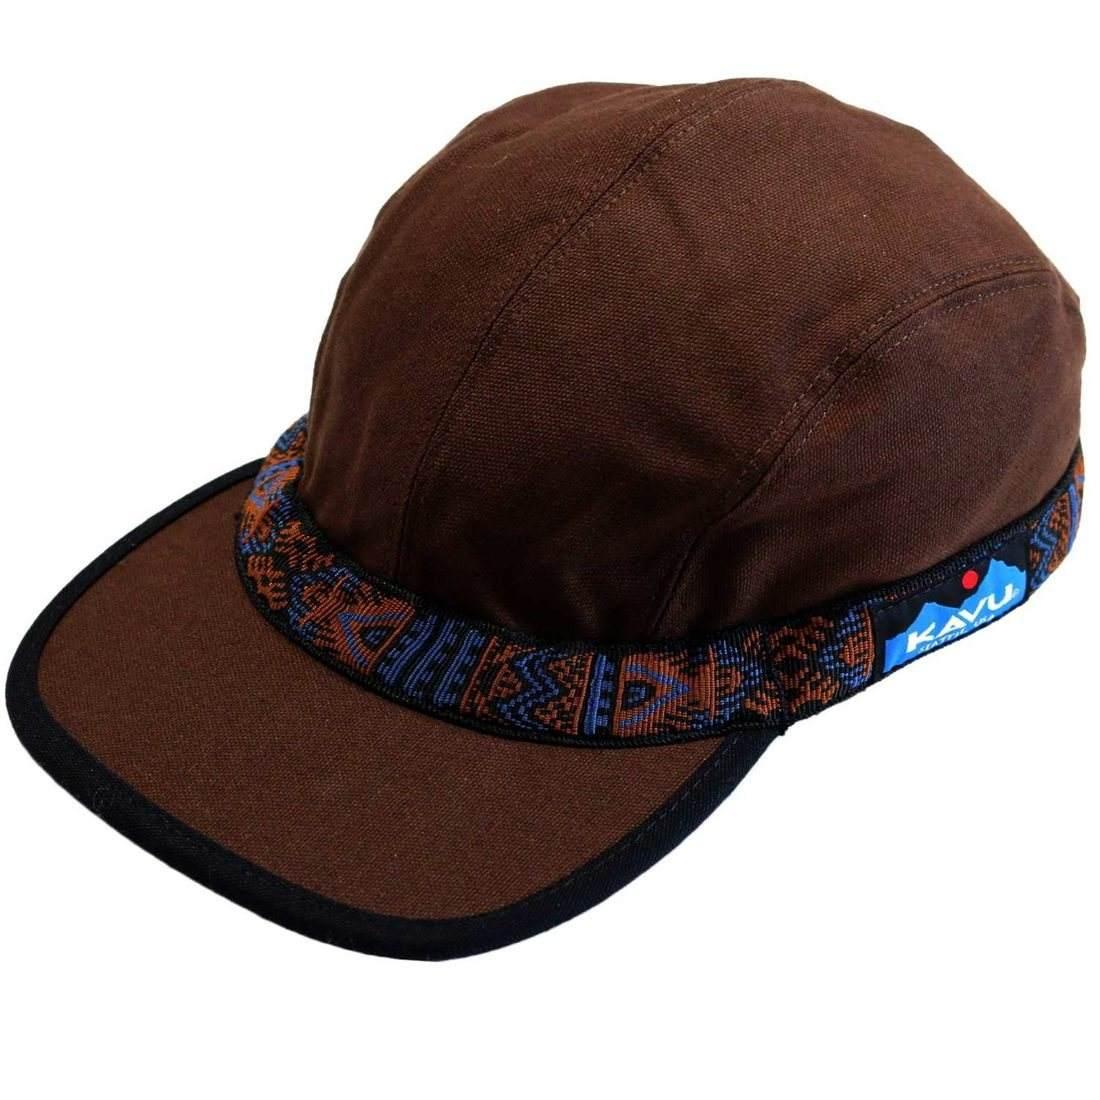 カブー ストラップキャップ 19 帽子コットンキャップ  国内正規品